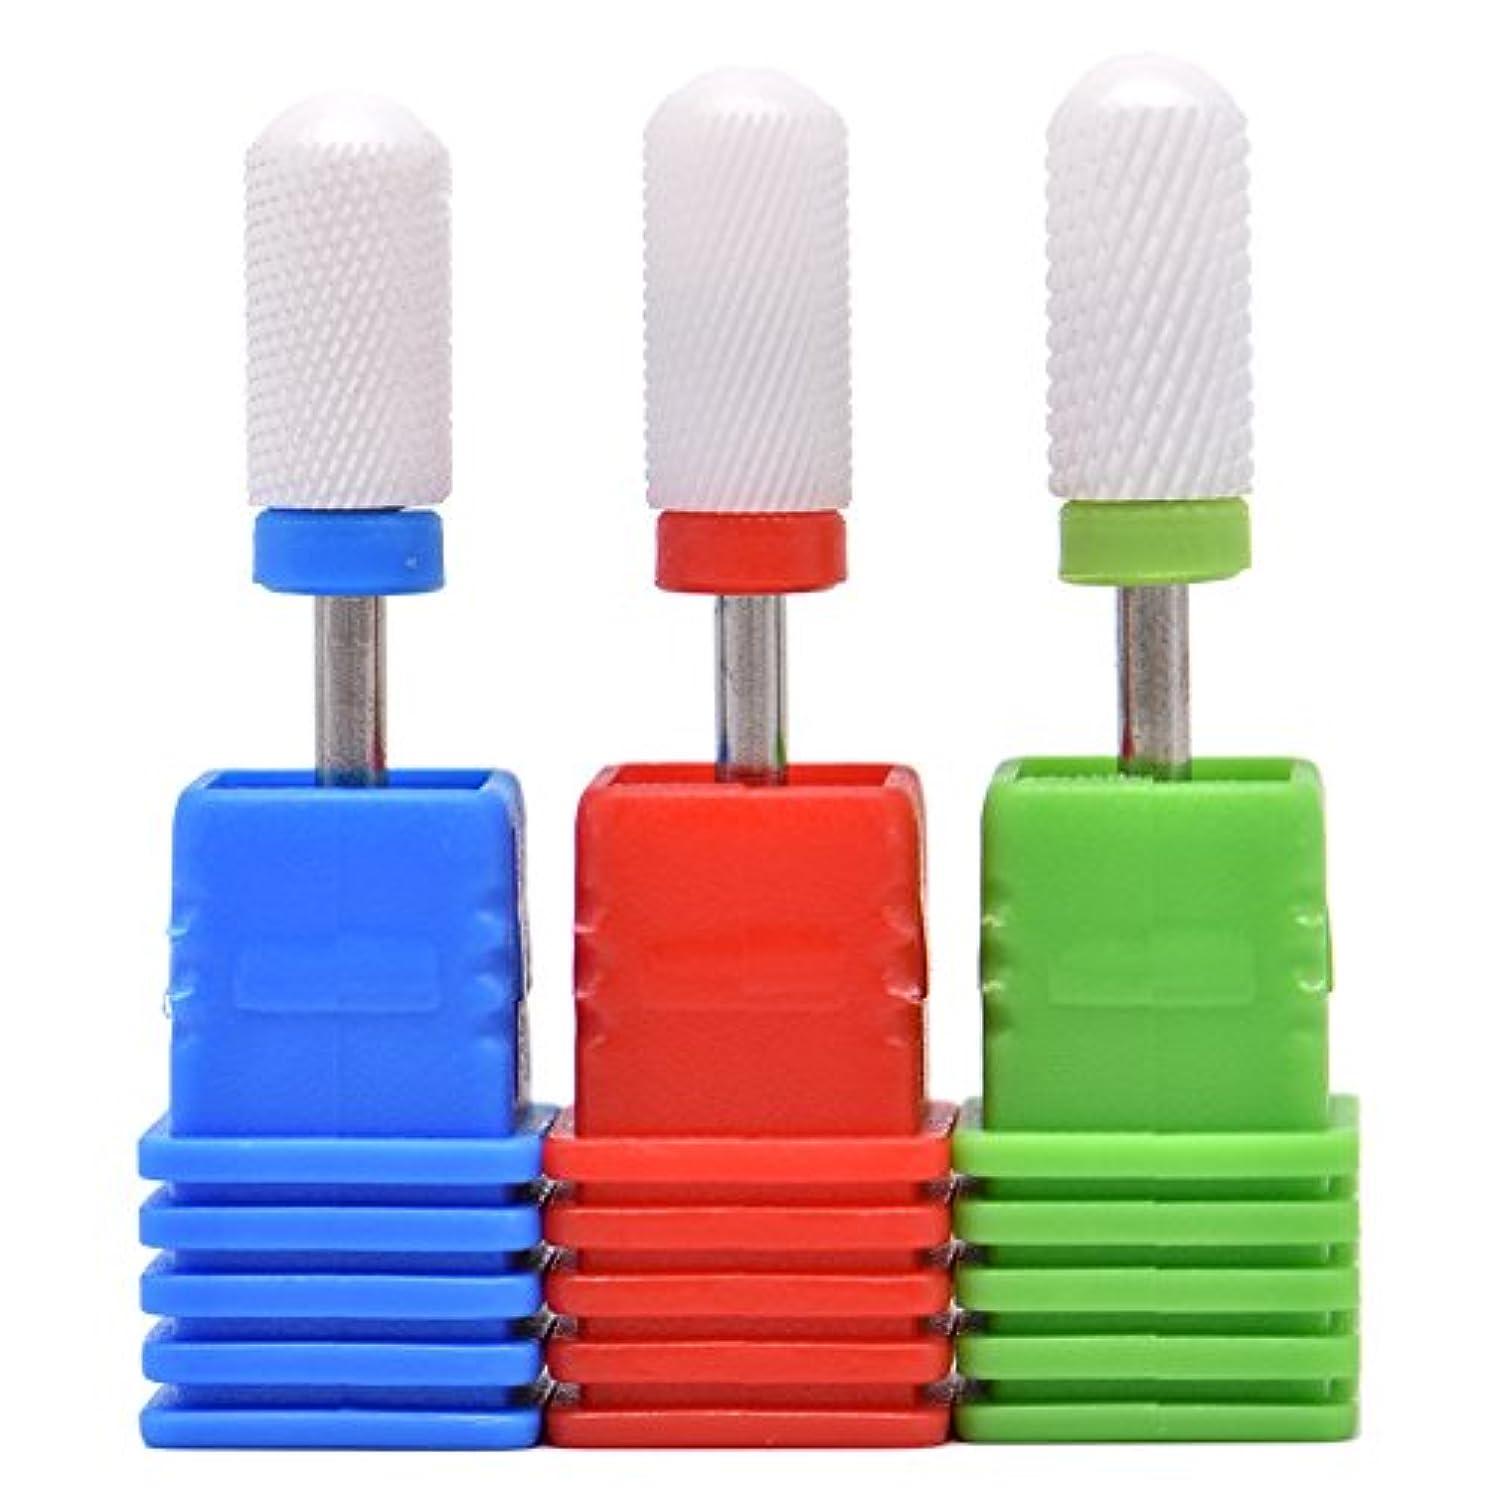 ますます収容する人道的Oral Dentistry ネイルアート ドリルビット 丸い 研磨ヘッド ネイル グラインド ヘッド 爪 磨き 研磨 研削 セラミック 全3色 (レッドF(微研削)+グリーンC(粗研削)+ブルーM(中仕上げ))